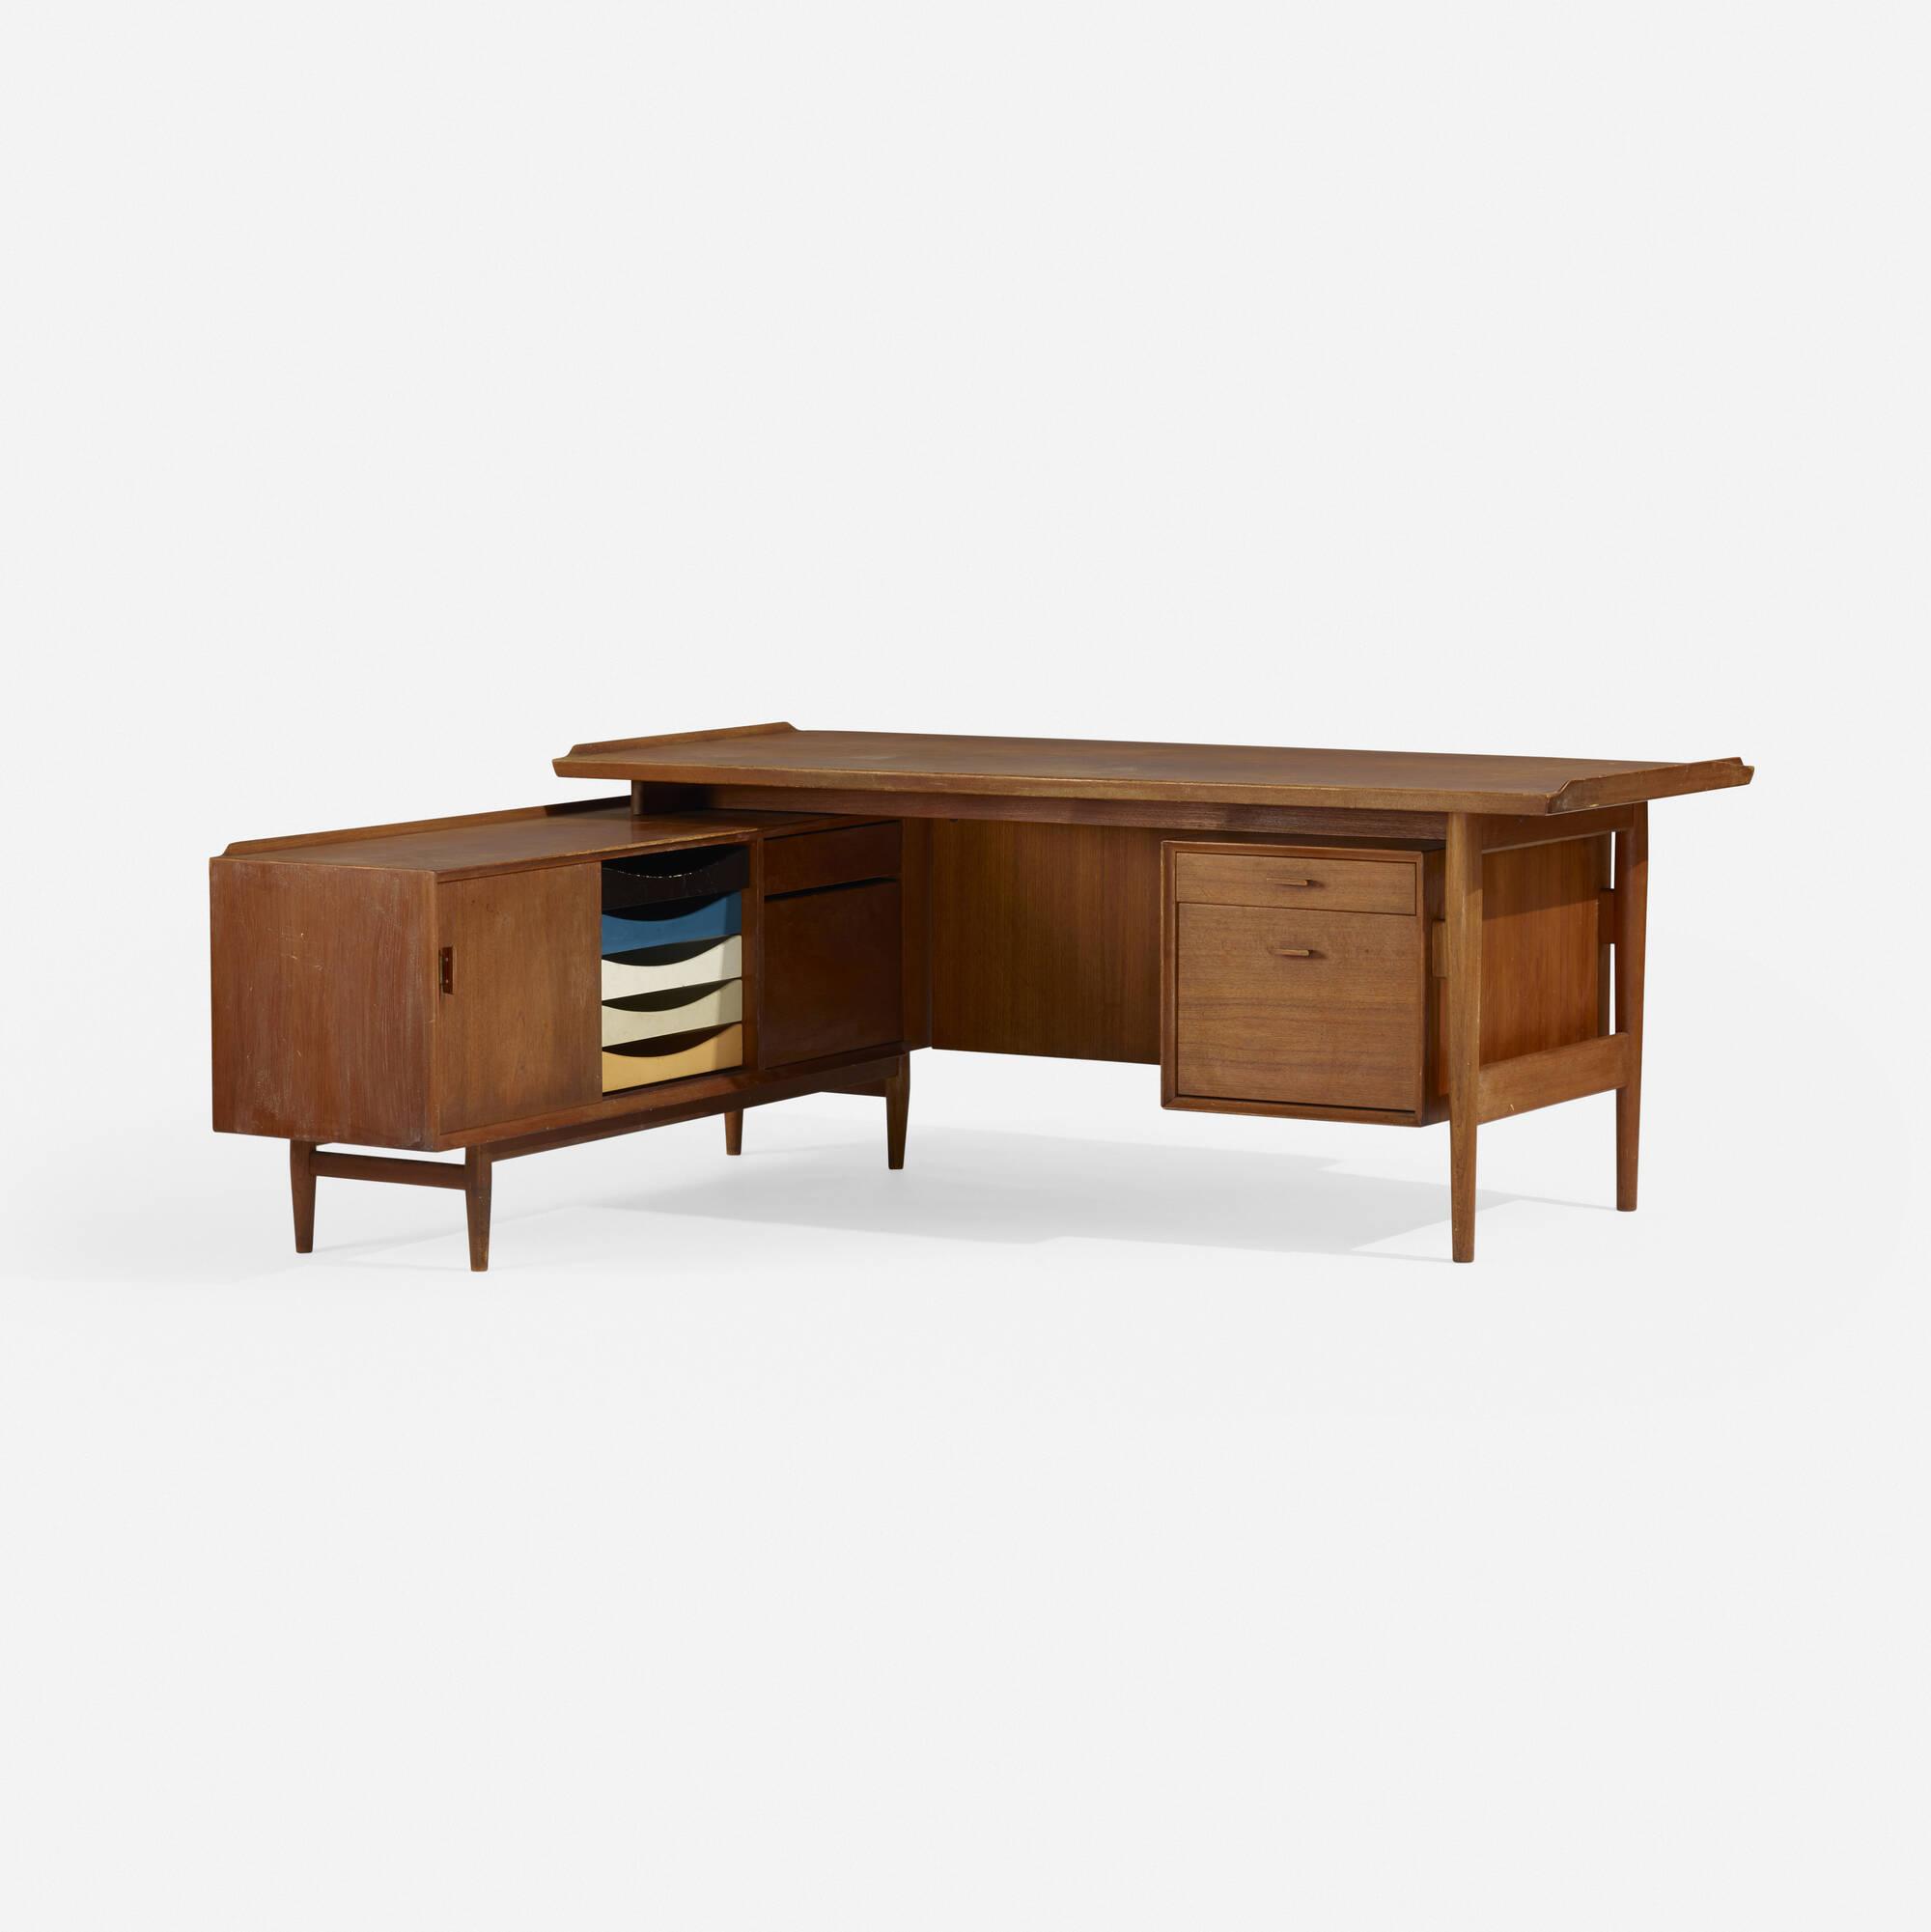 280: Arne Vodder / desk and return (1 of 4)